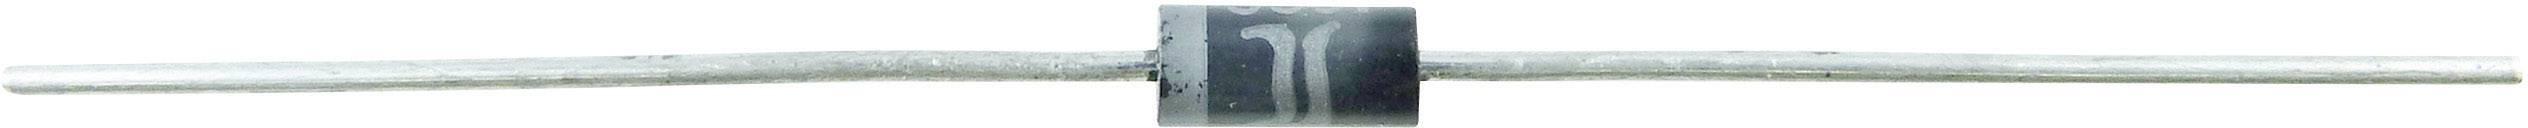 Schottkyho usmerňovacia dióda Diotec SB130, 1 A, 30 V